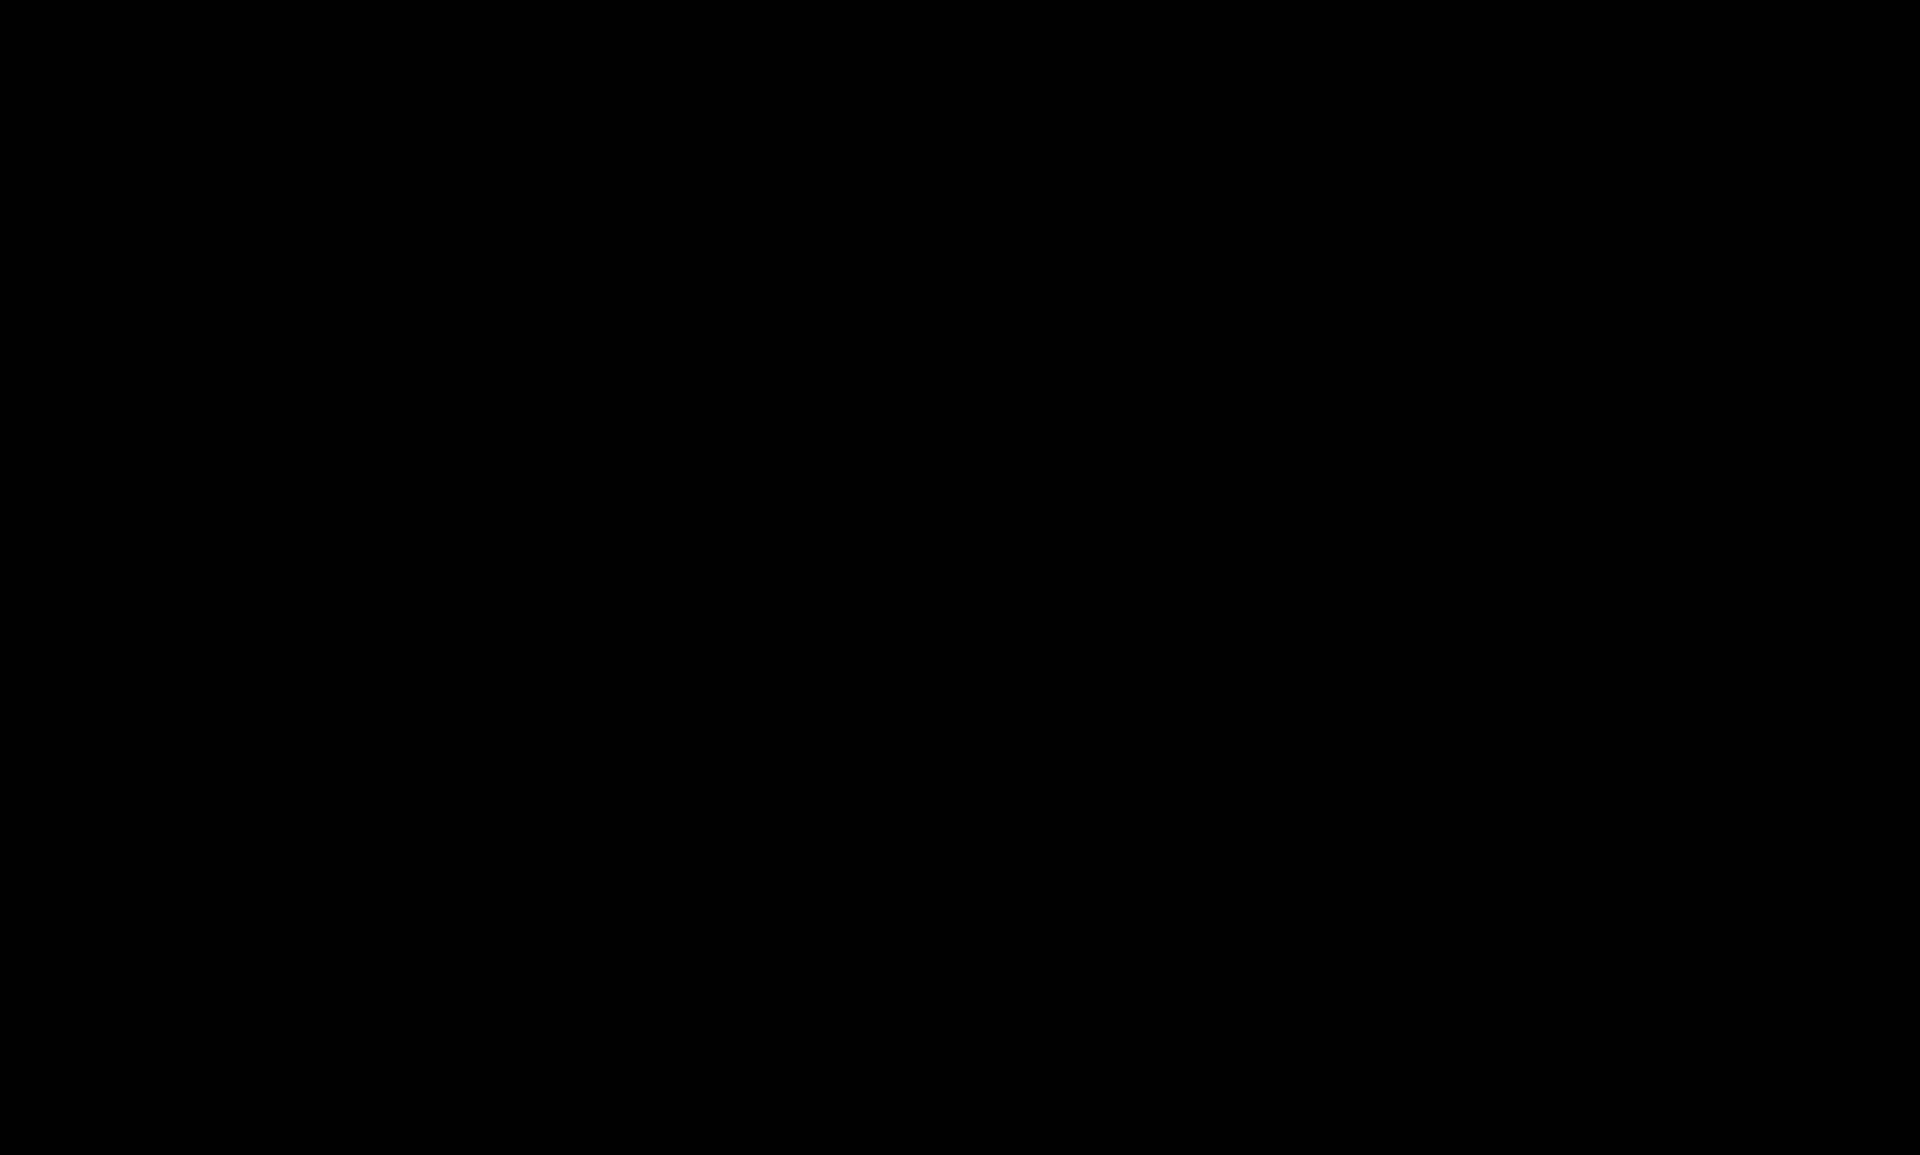 Химичнча структура на Метандиенон - Zob.BG